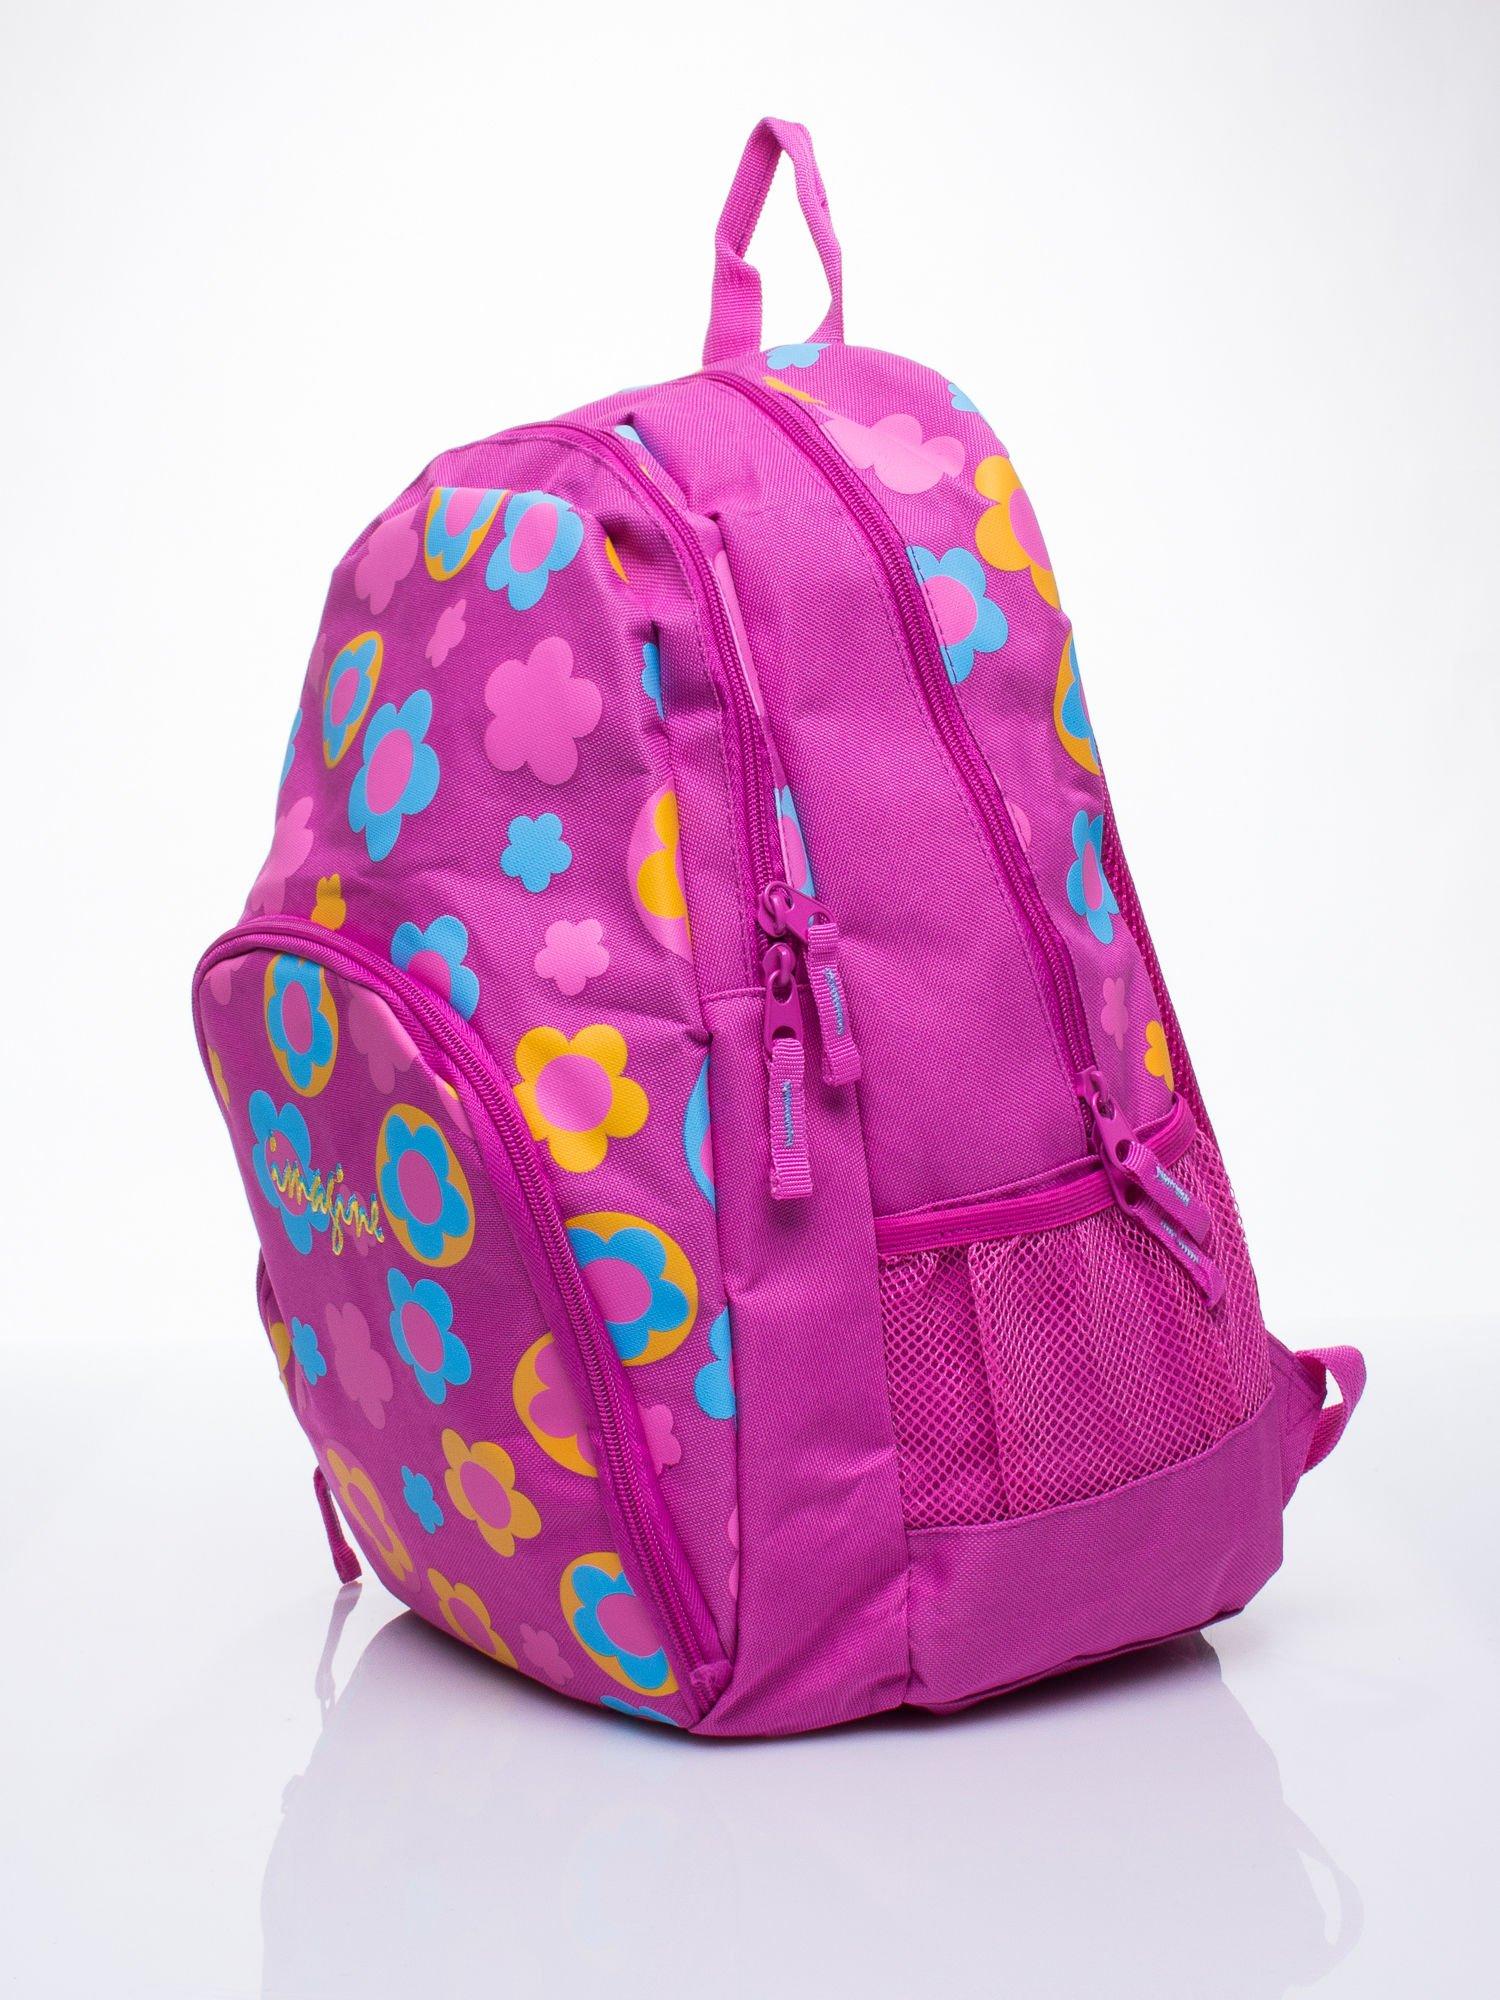 Różowy plecak dla dziewczynki DISNEY w kwiatki                                  zdj.                                  2